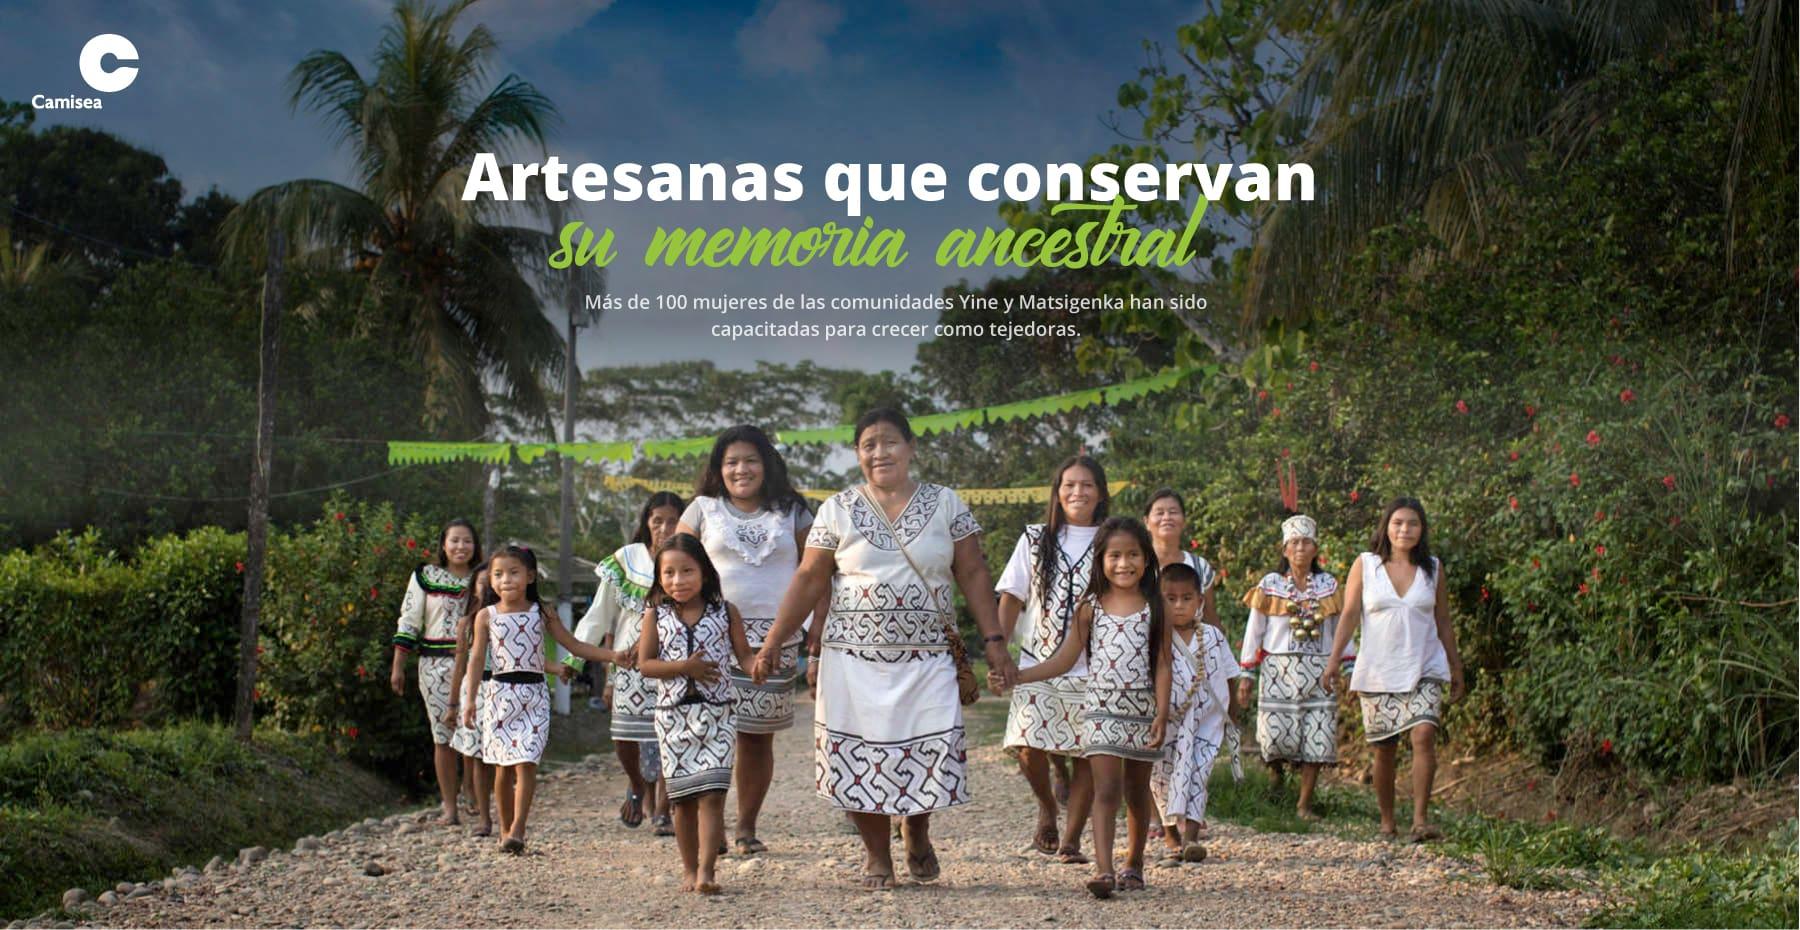 Mujeres artesanas que conservan su memoria ancestral